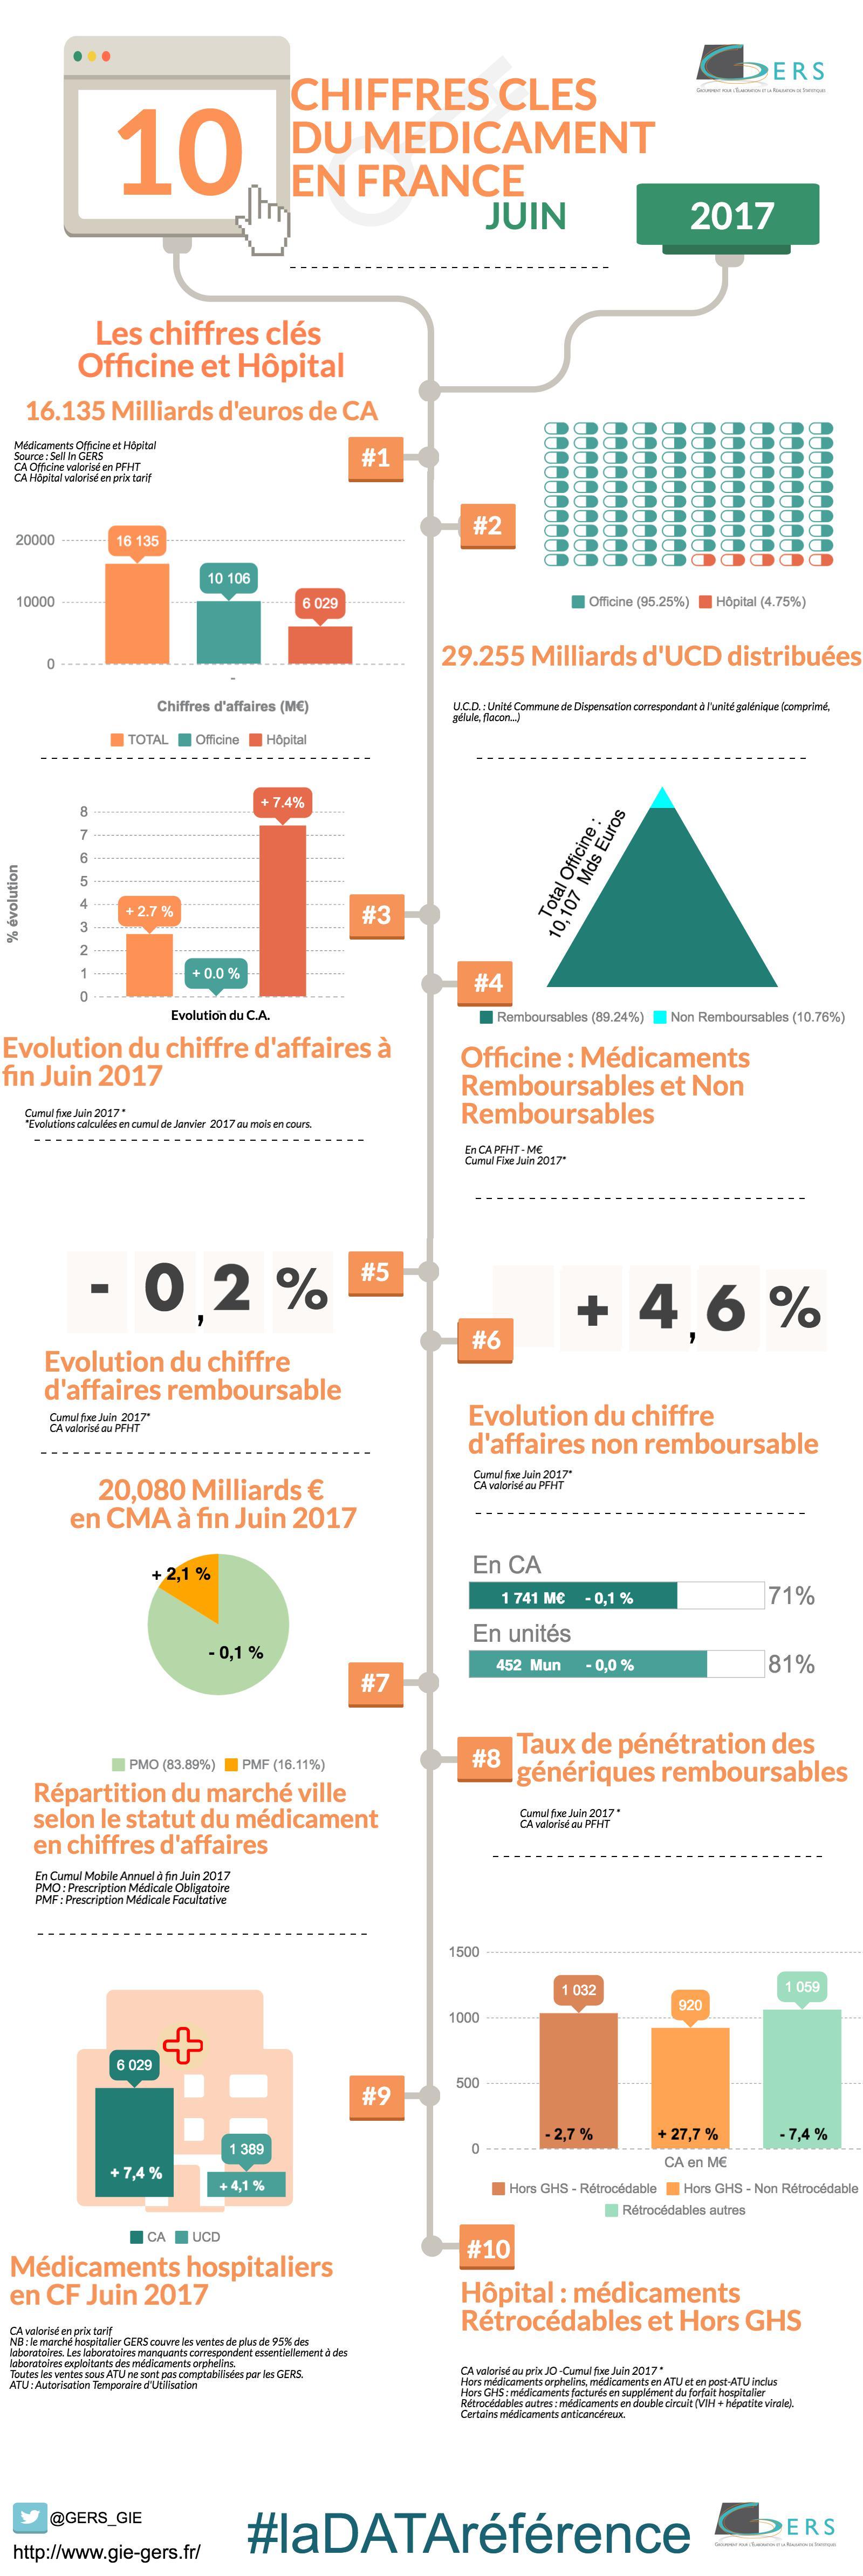 INFOGRAPHIE DES CHIFFRES CLES DU MEDICAMENT JUIN 2017 GIE GERS